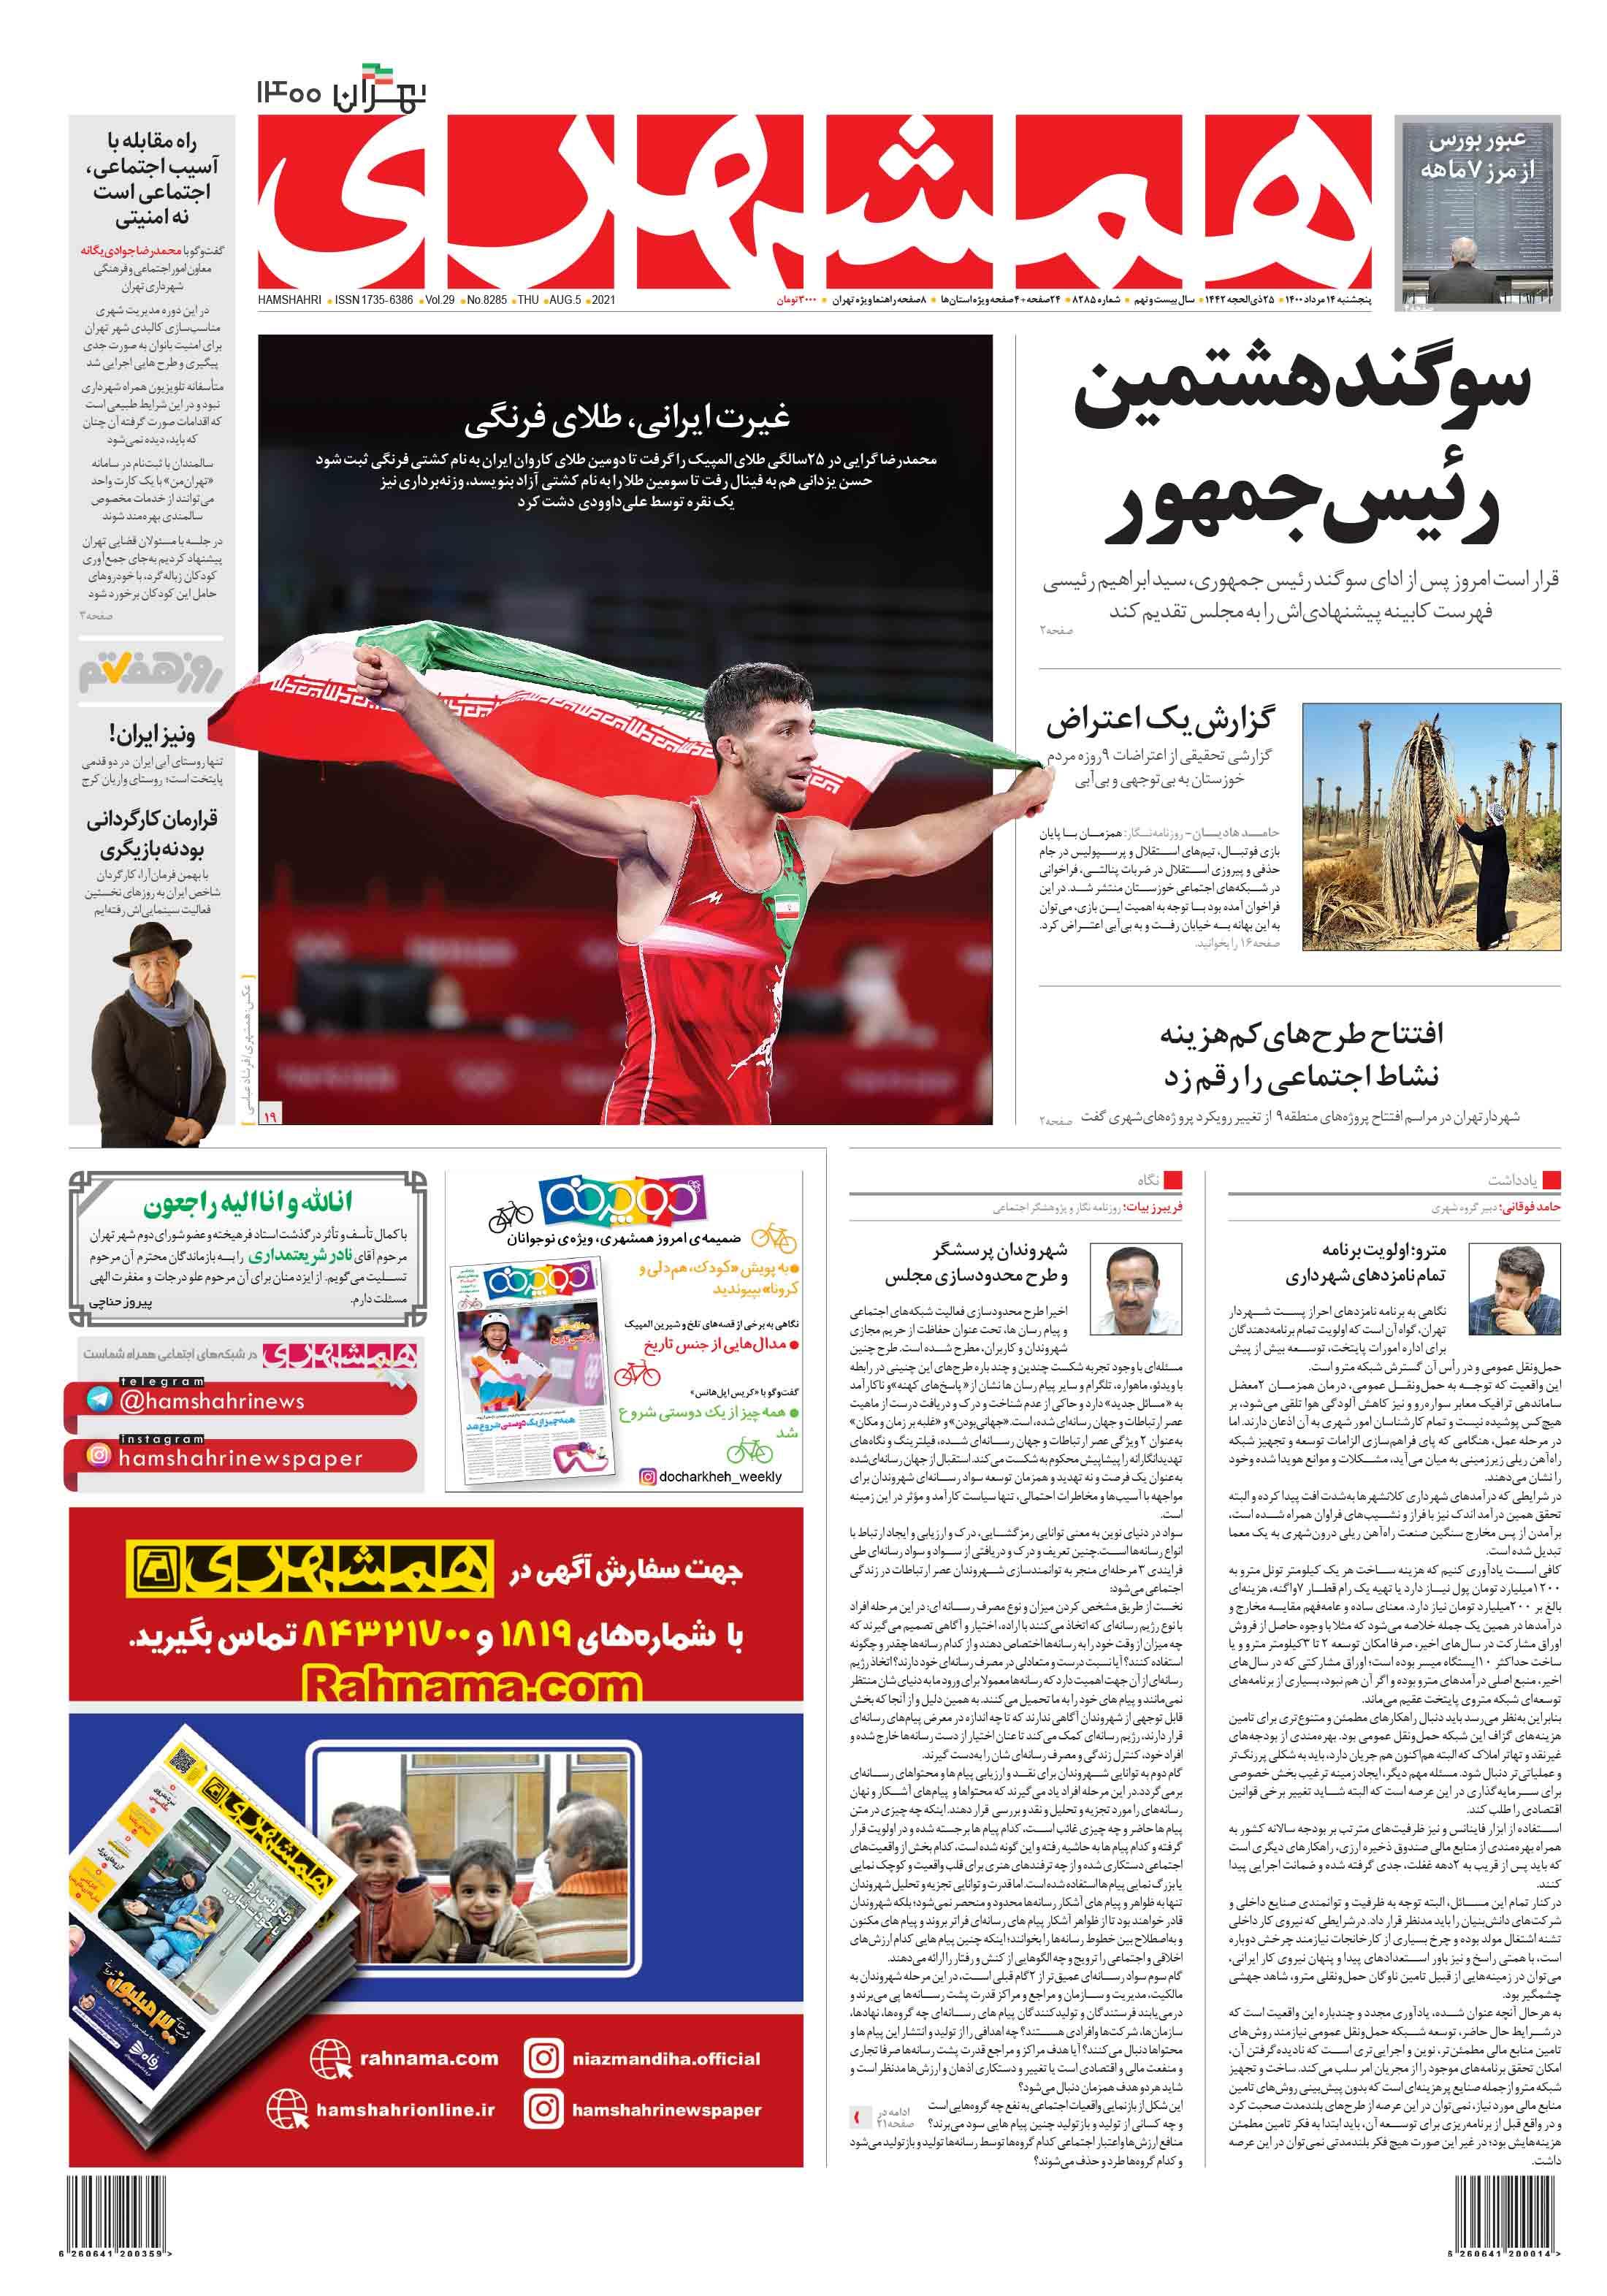 صفحه اول پنجشنبه 14 مرداد 1400